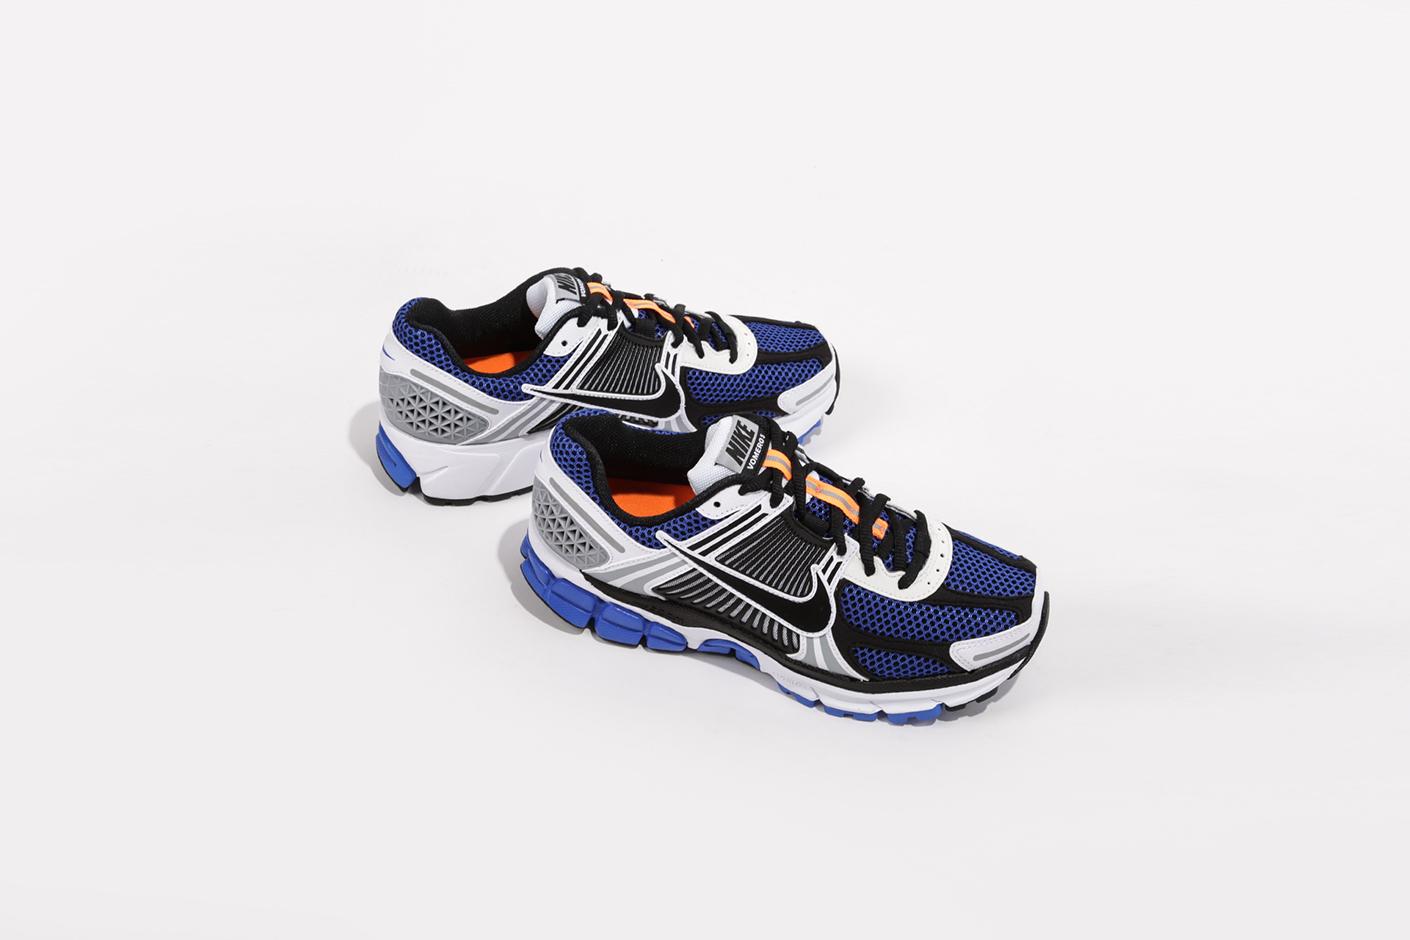 a12a073d Купить синий, белый, серый, черные кроссовки Zoom Vomero 5 SE SP от ...